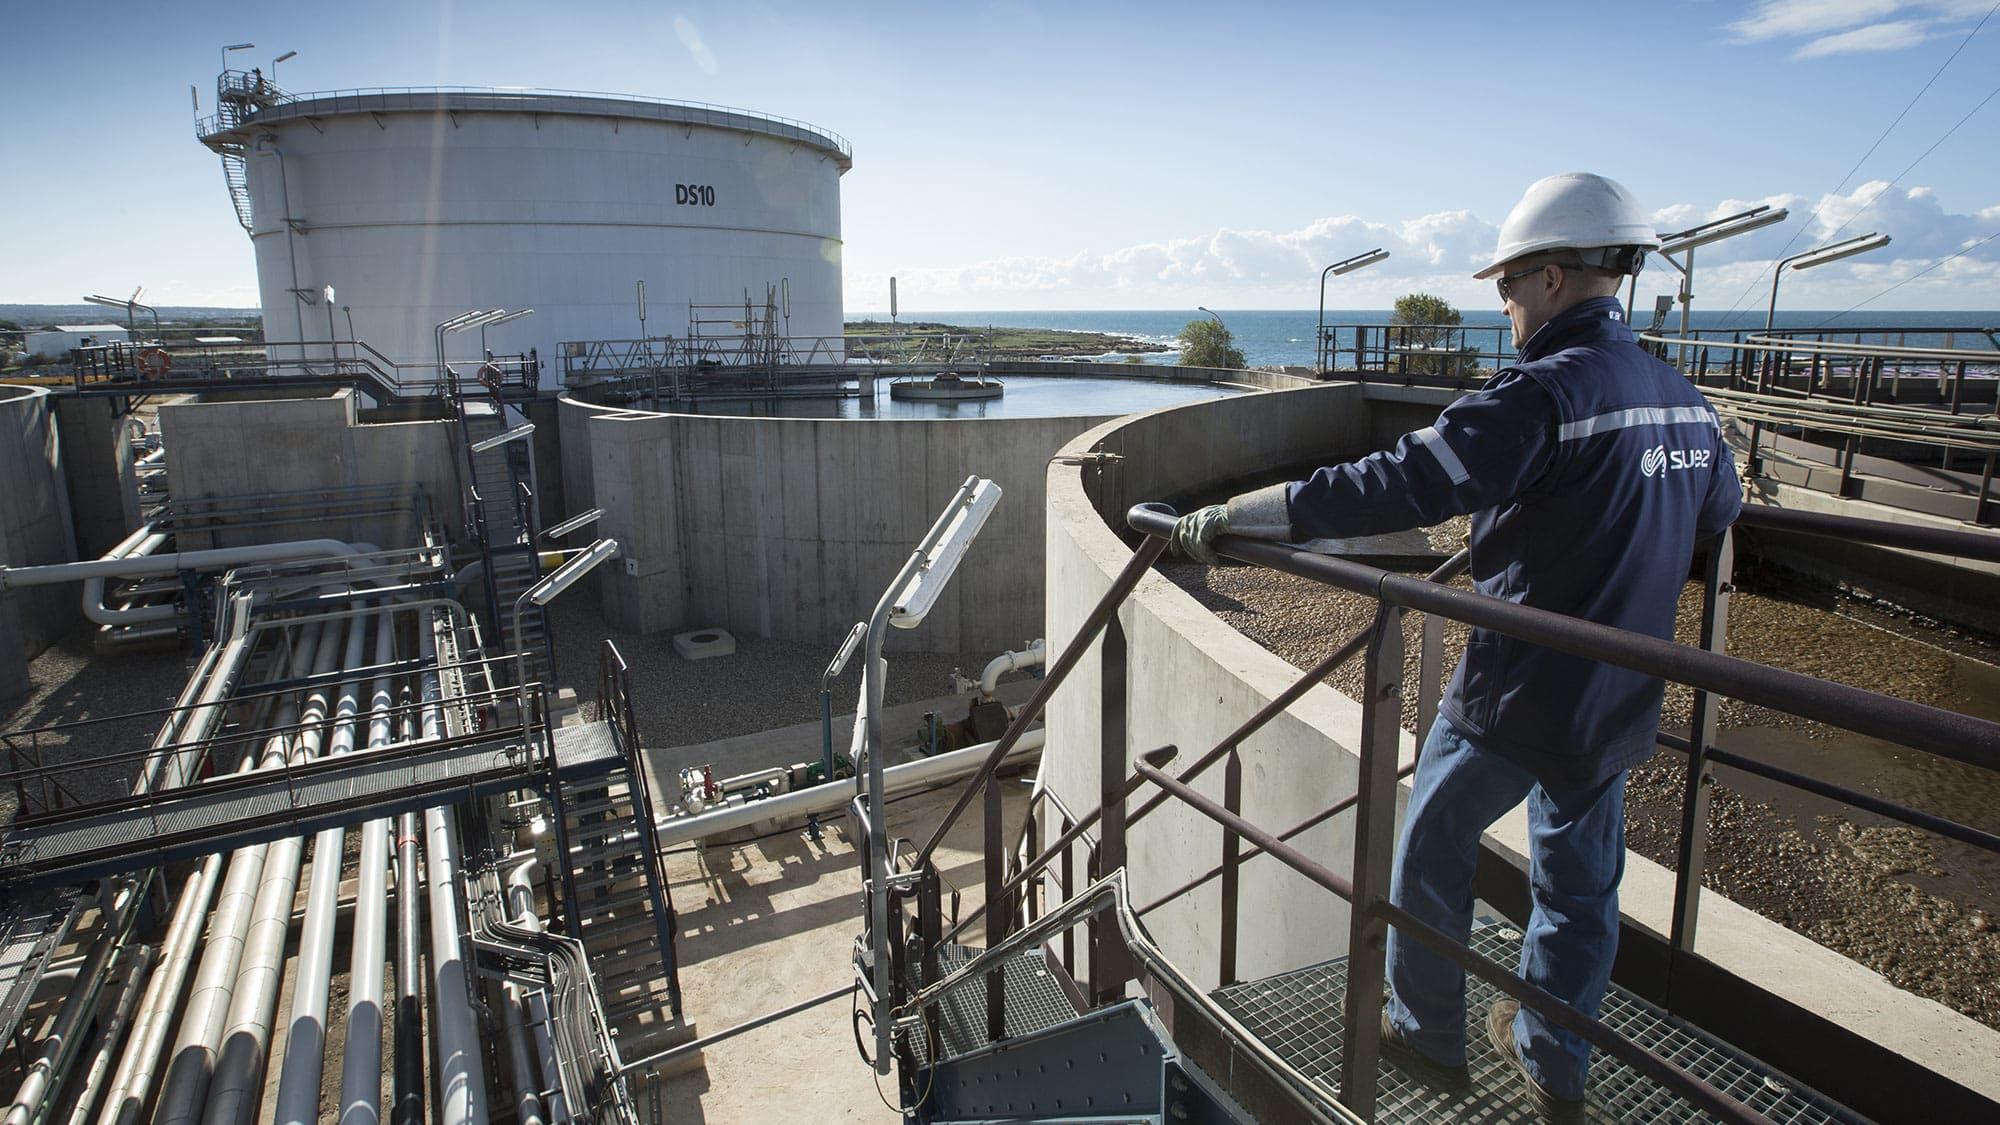 Gestion des réseaux d'eau d'un site industriel